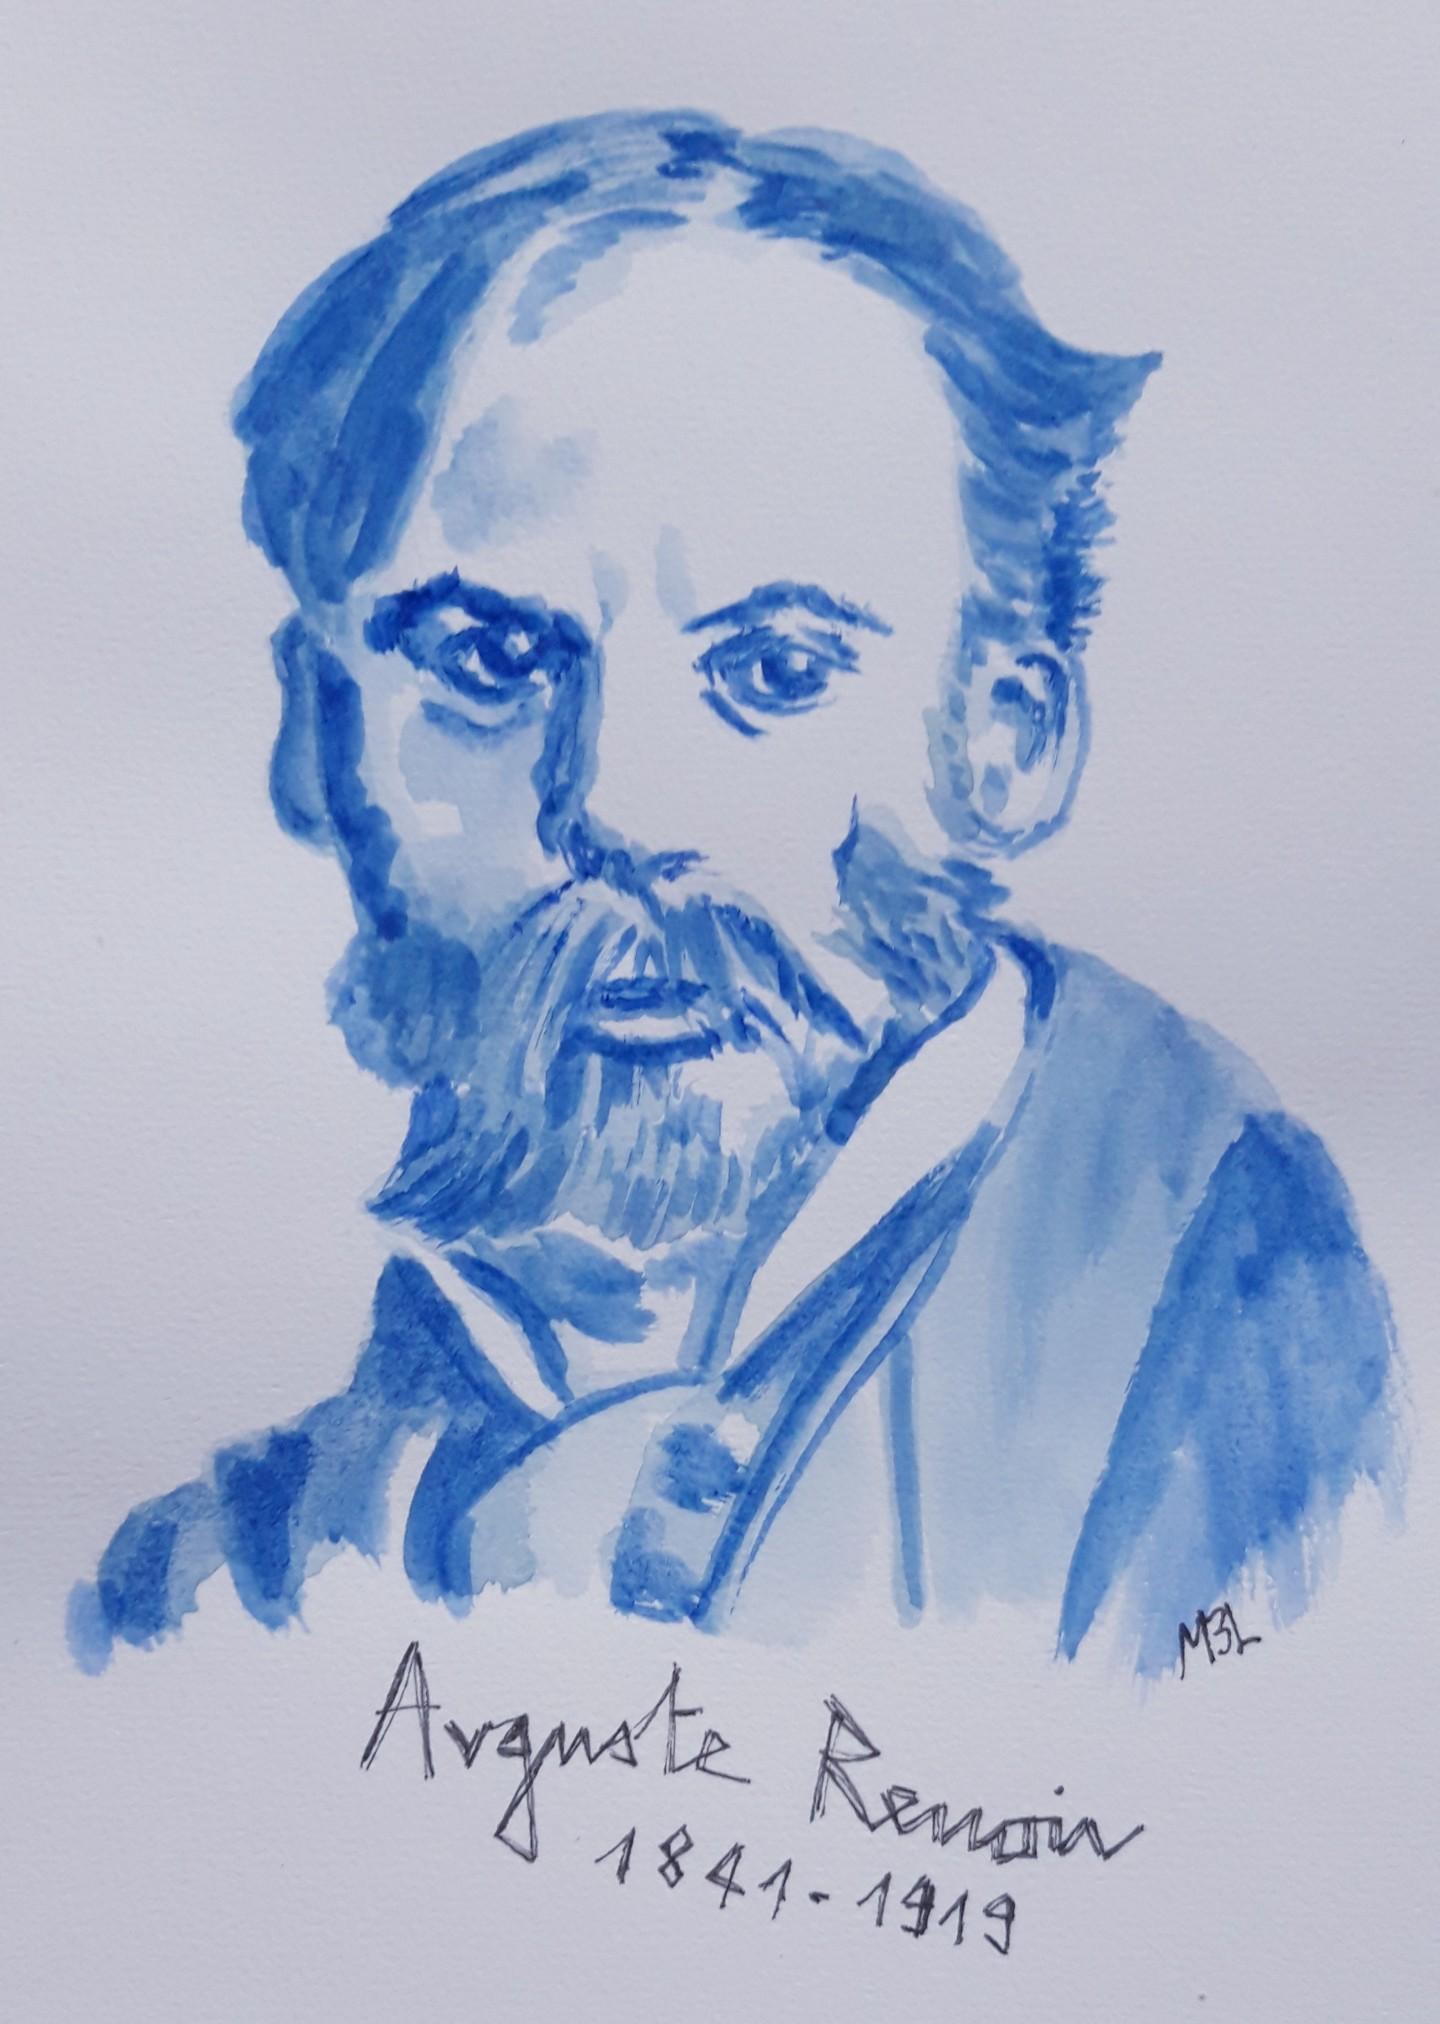 Brigitte Mathé (MBL) - Auguste Renoir